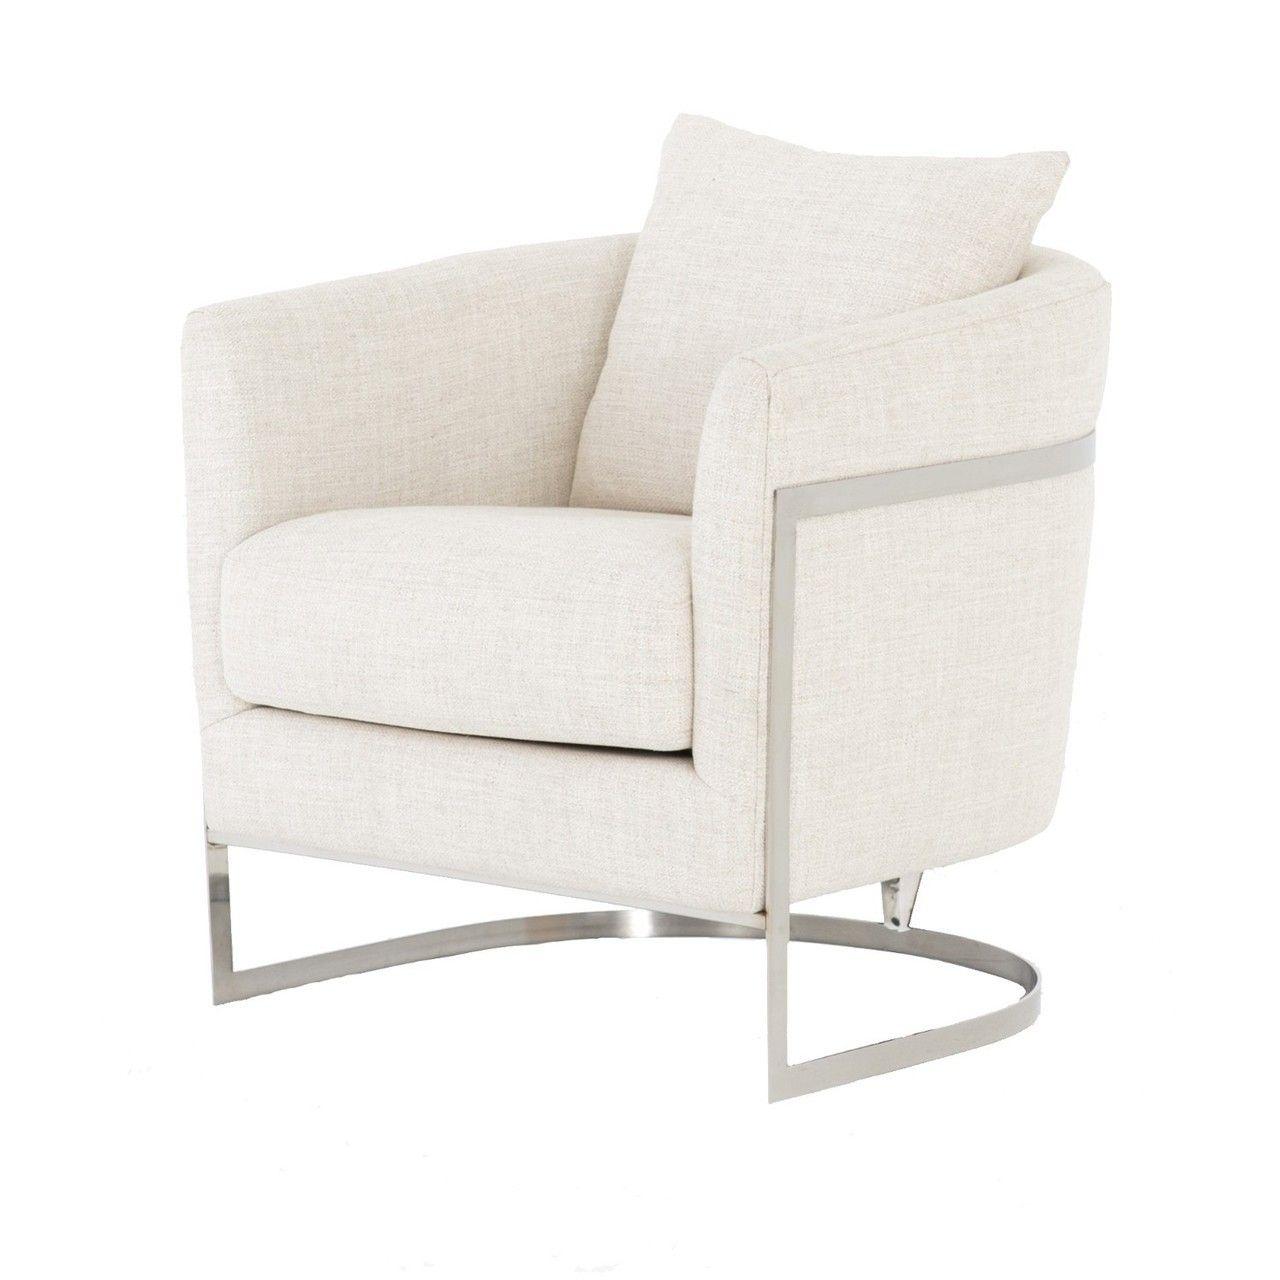 Liam Modern Cream Curved Club Chair Decoracion De Unas